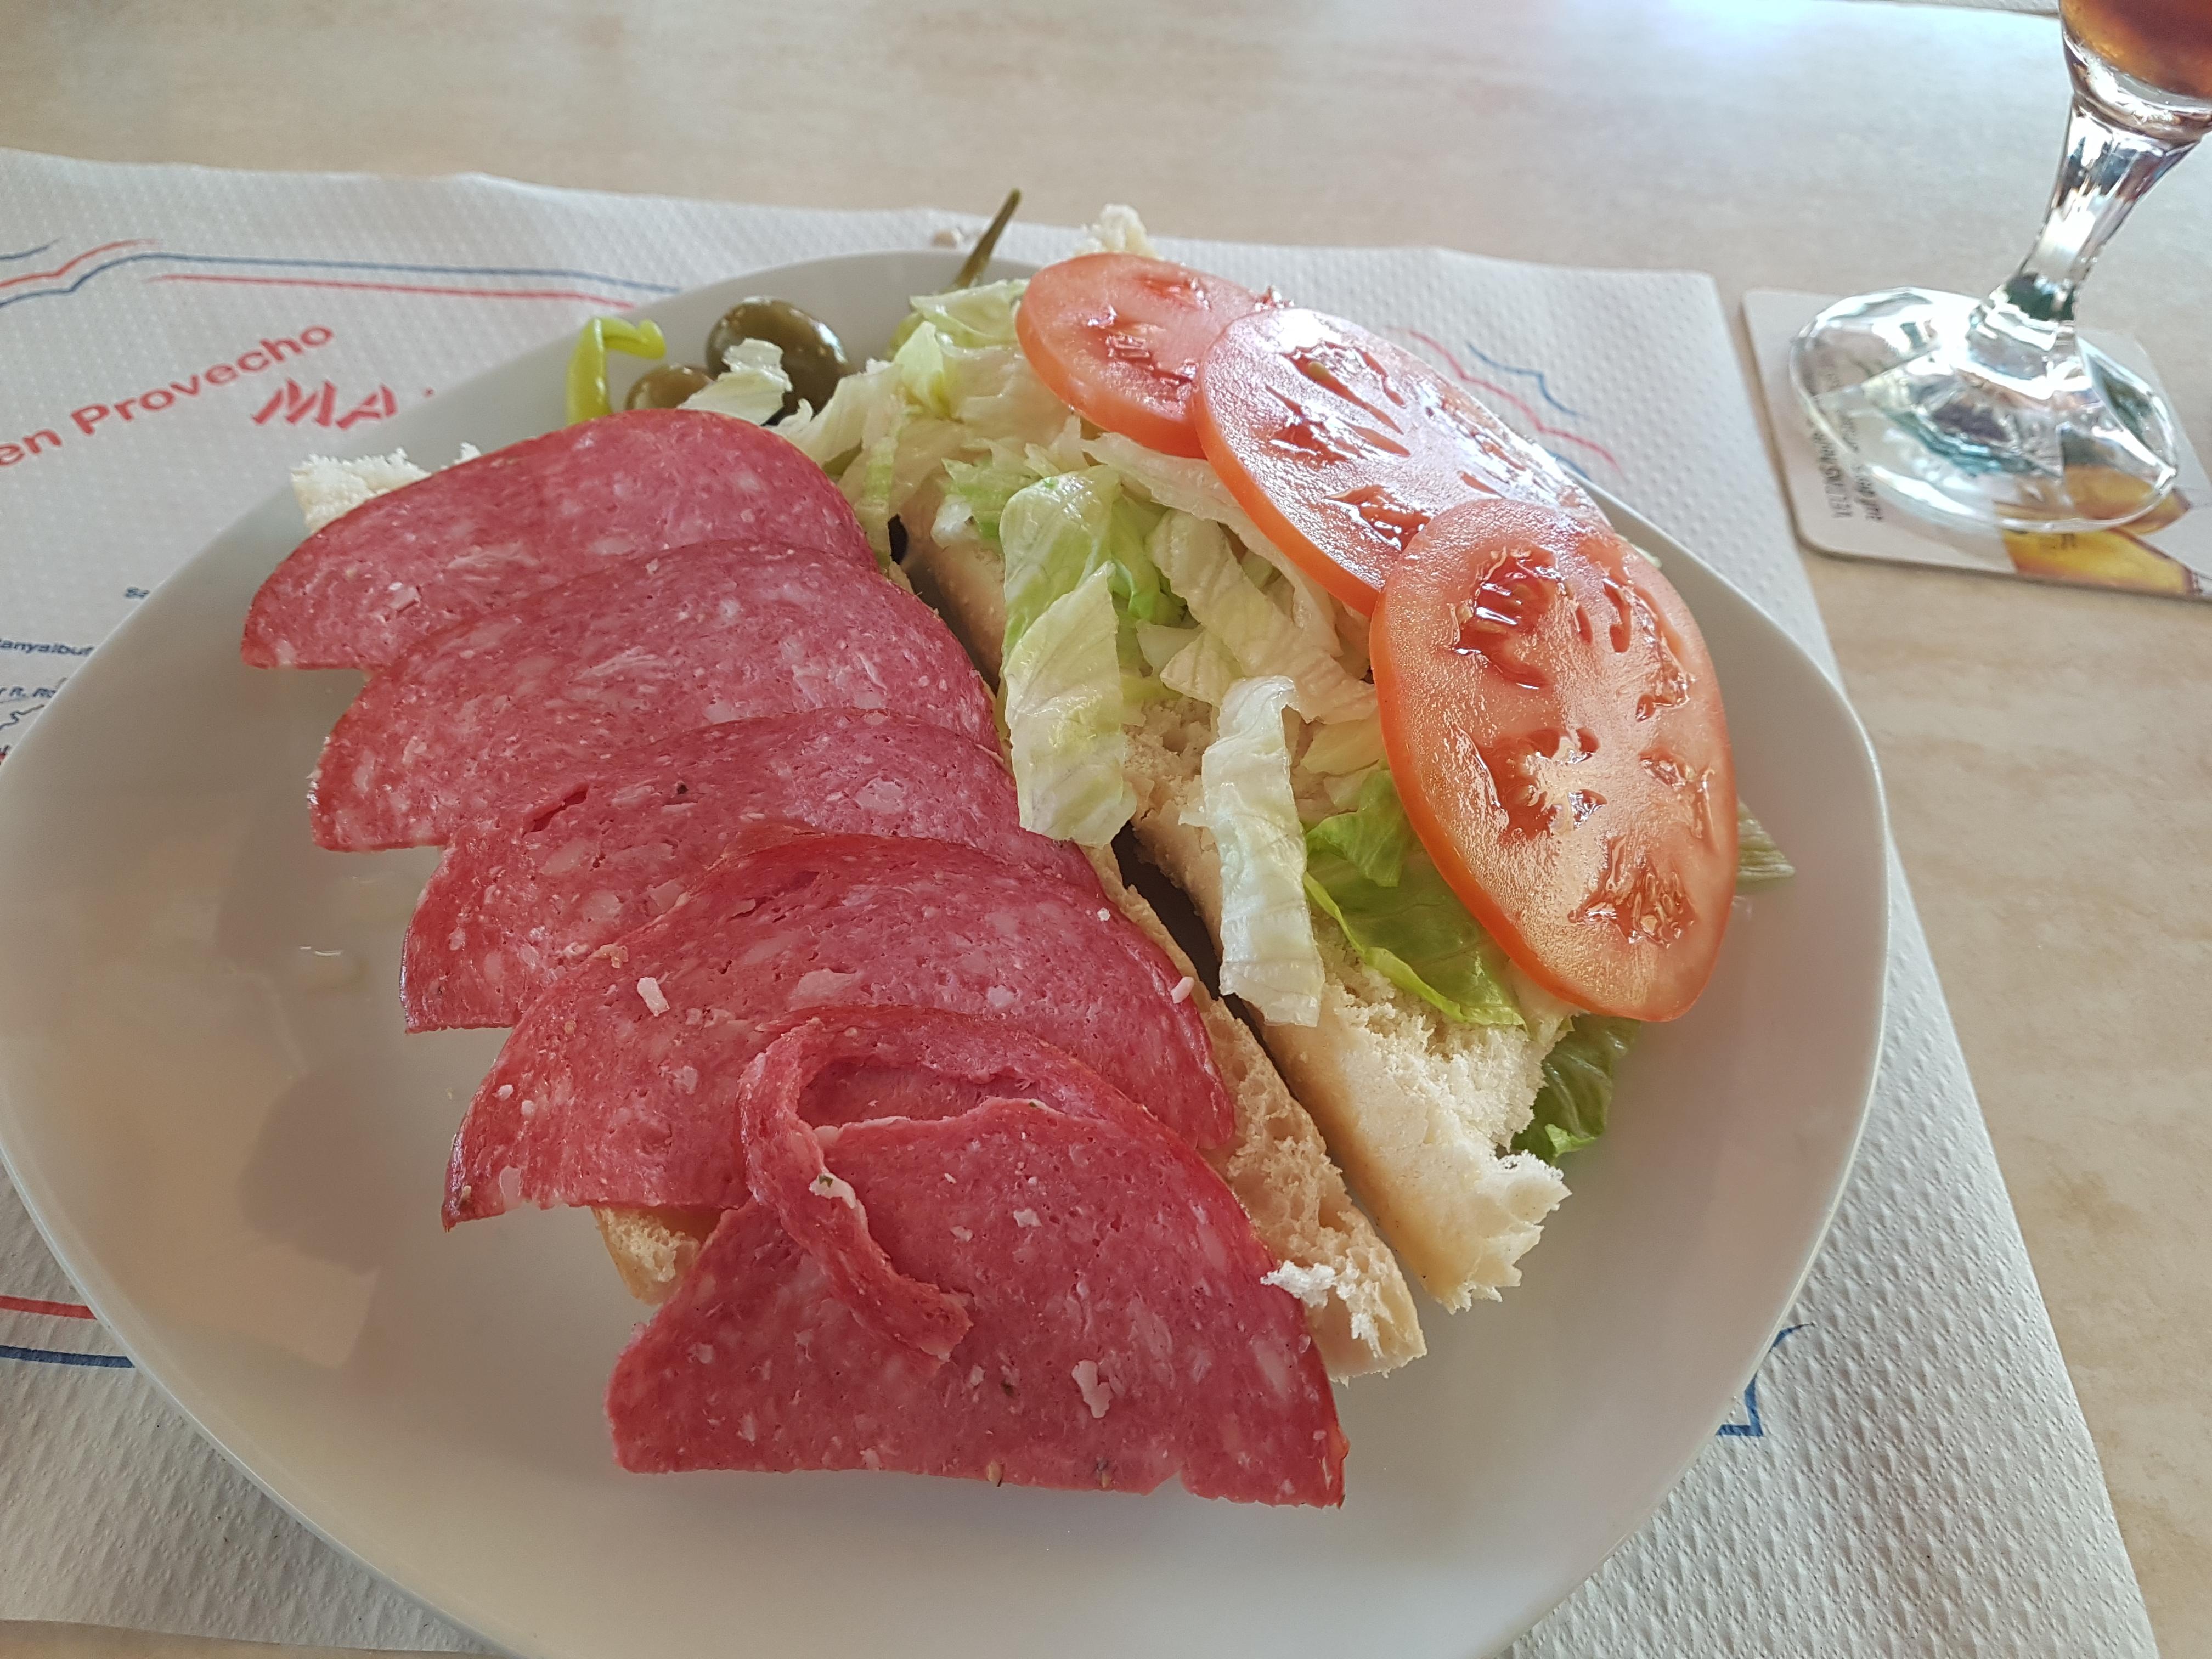 http://foodloader.net/Holz_2017-10-20_Salamibaguette.jpg